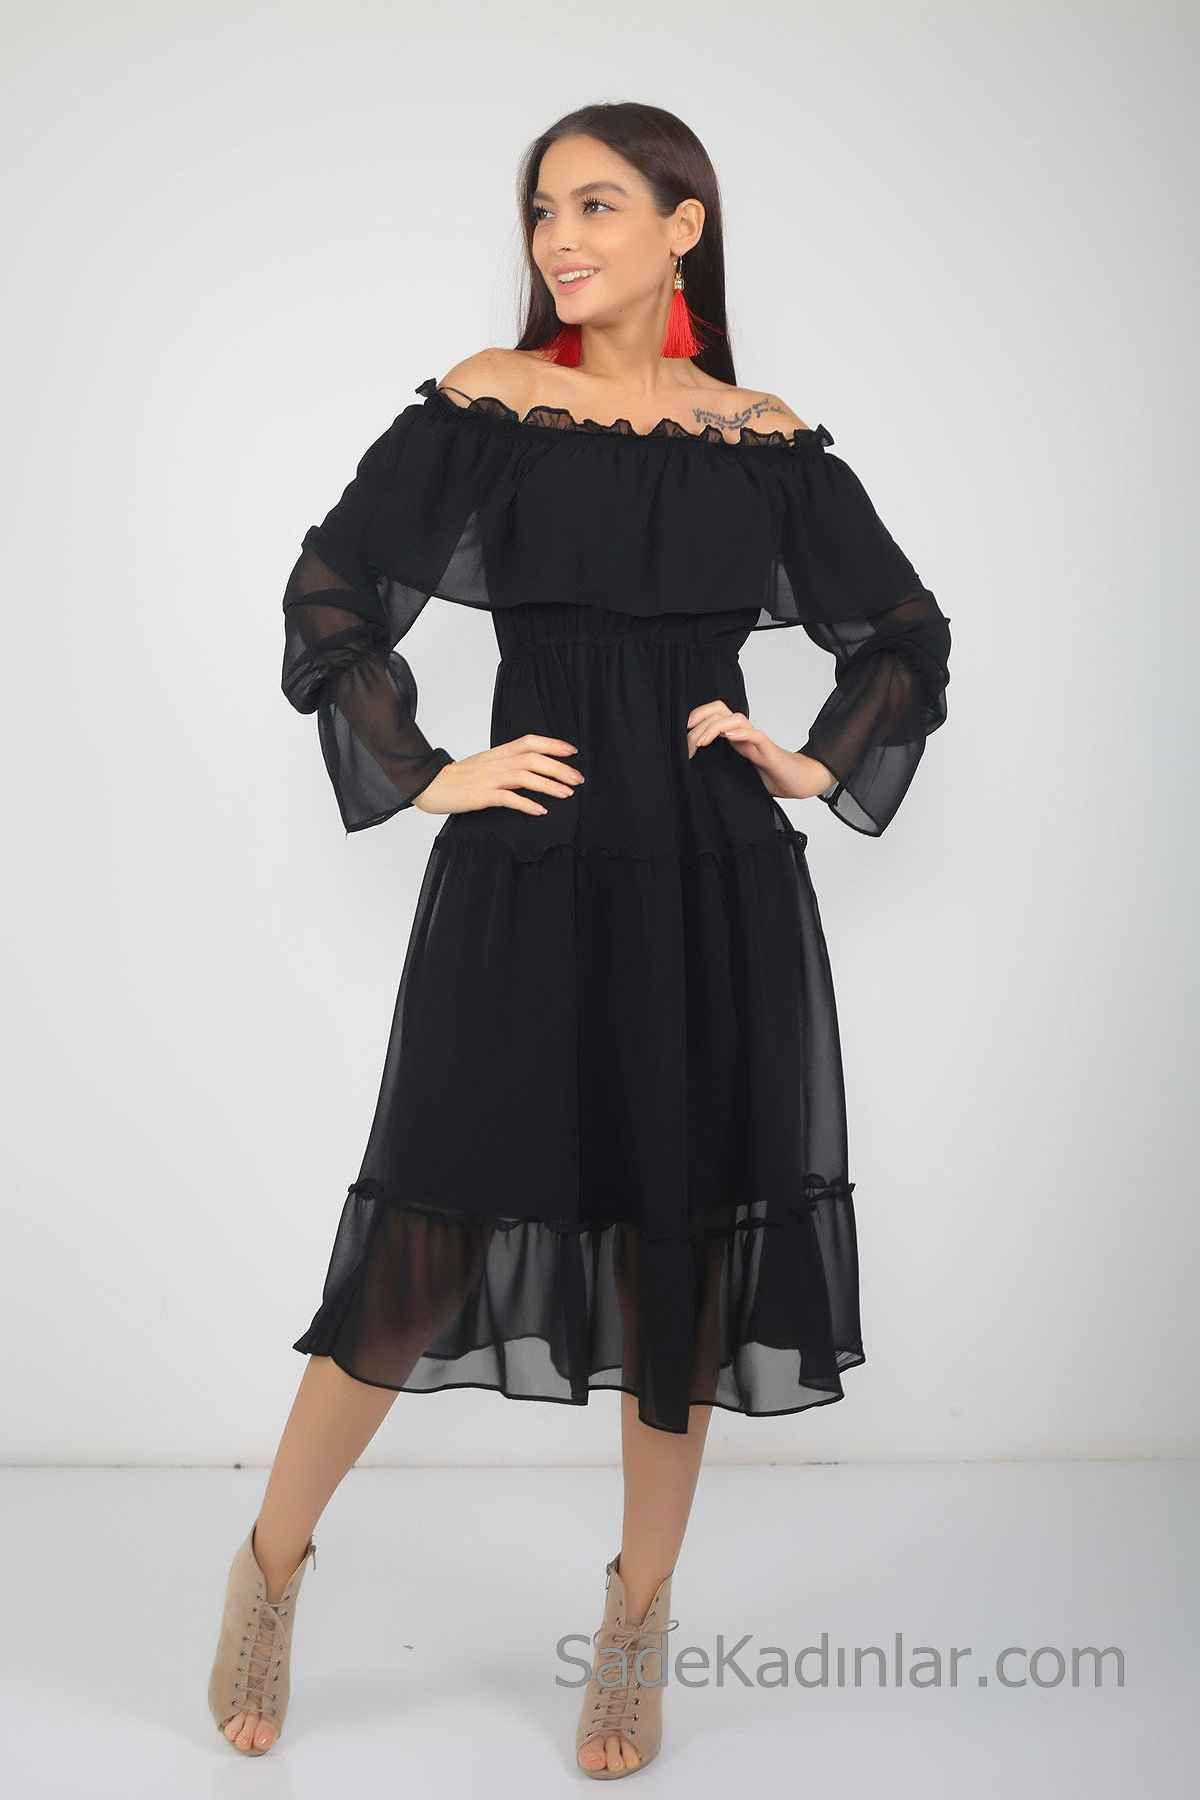 Gunluk Elbise Modelleri Day Dresses Panosundaki Pin